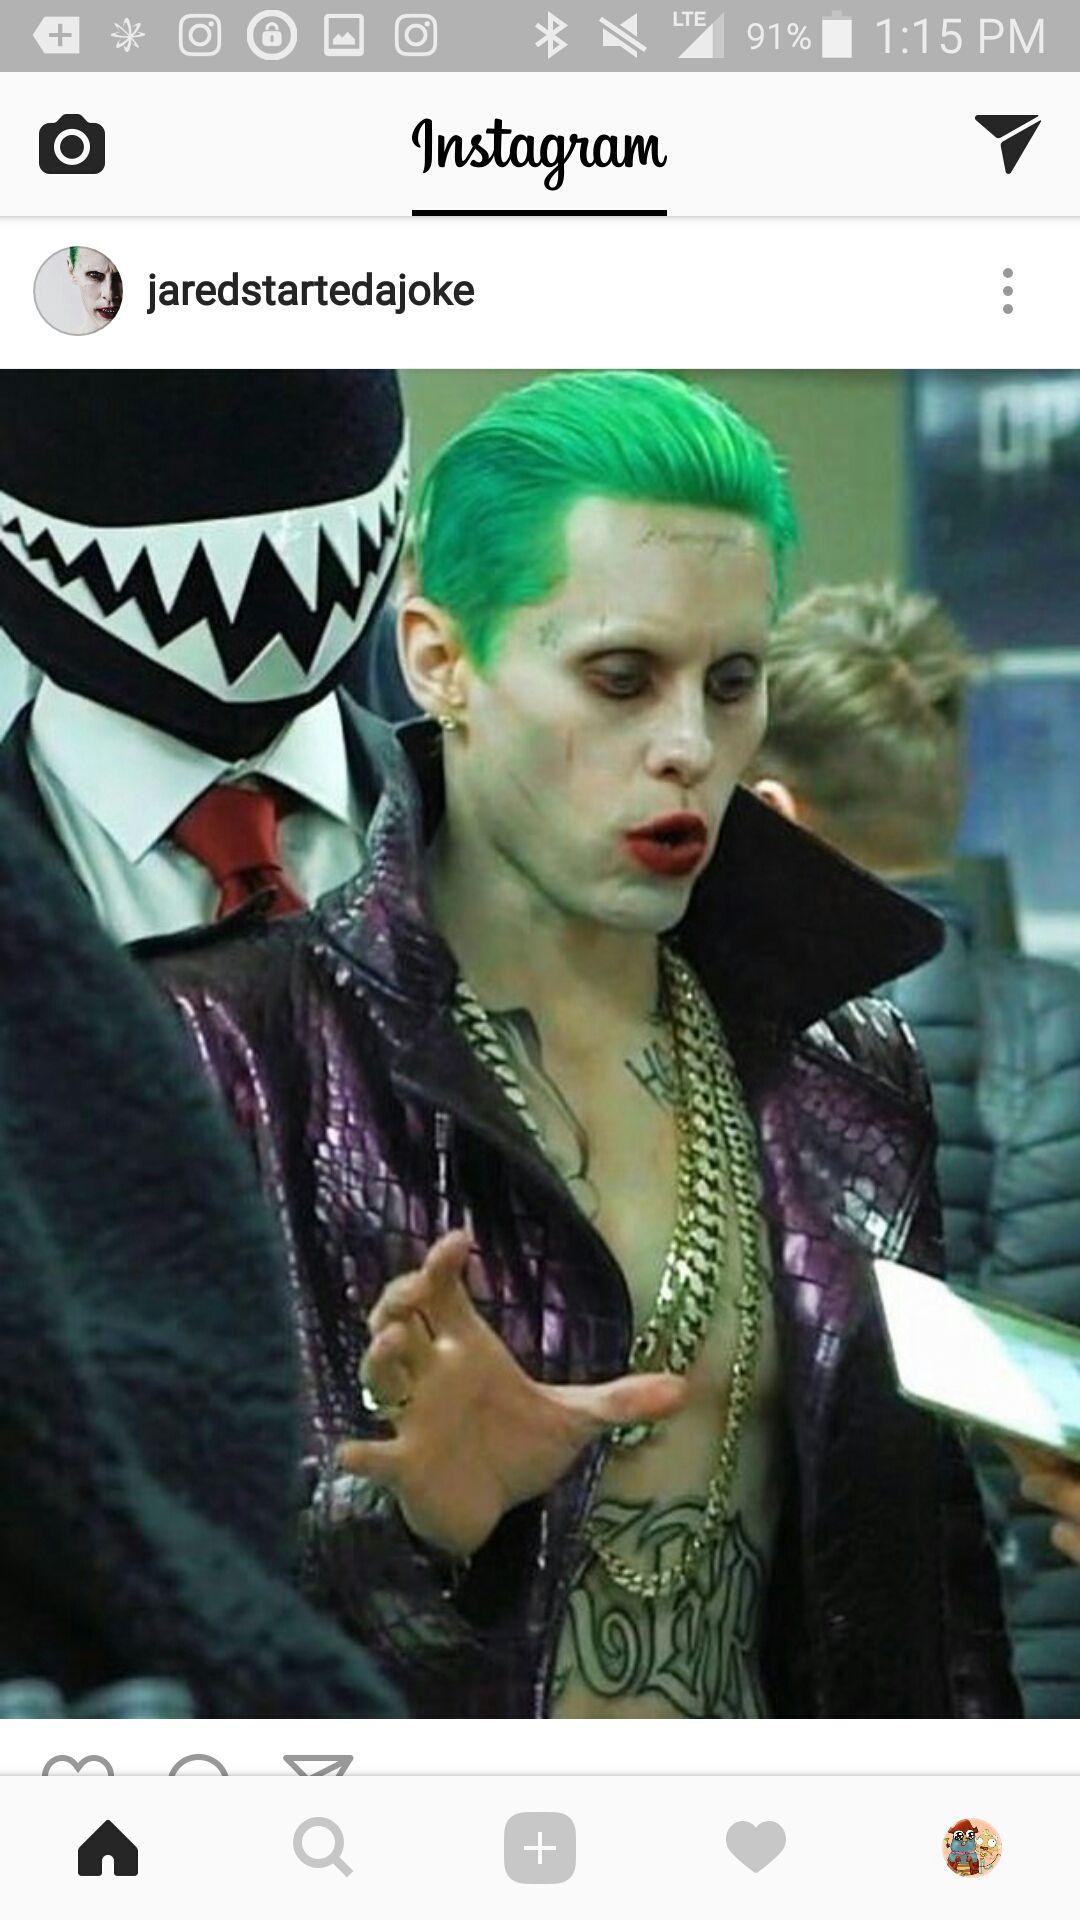 Joker Imagines - Pregnant? (Part 1) - Wattpad